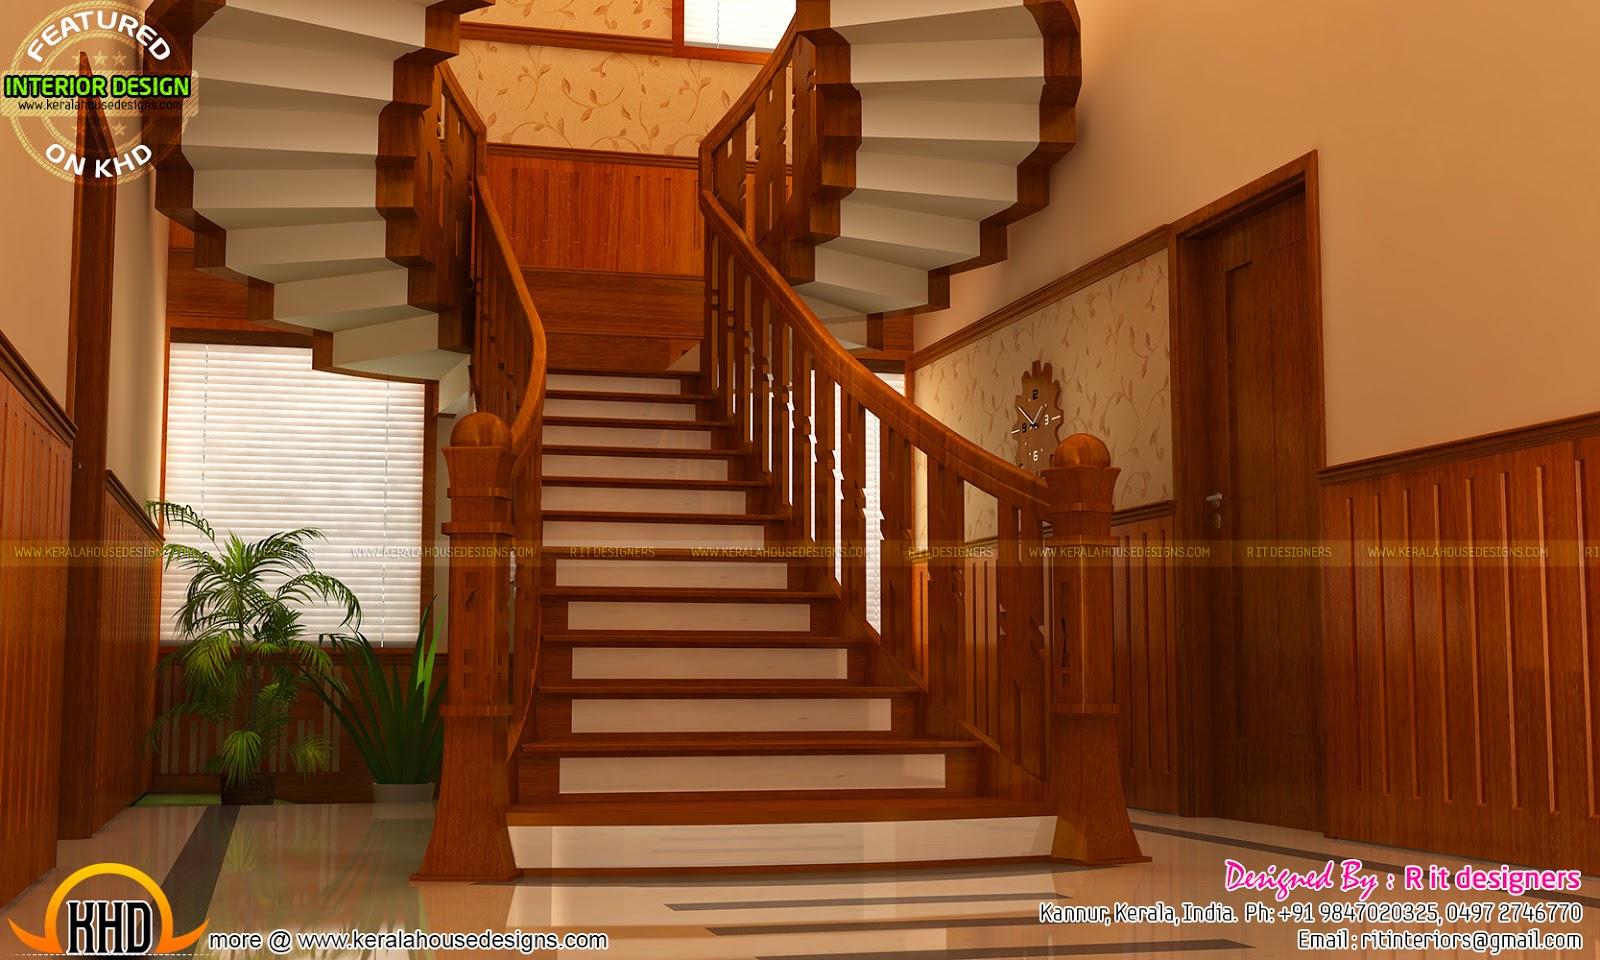 Bifurcated Stair, Bedroom, Kitchen Interiors